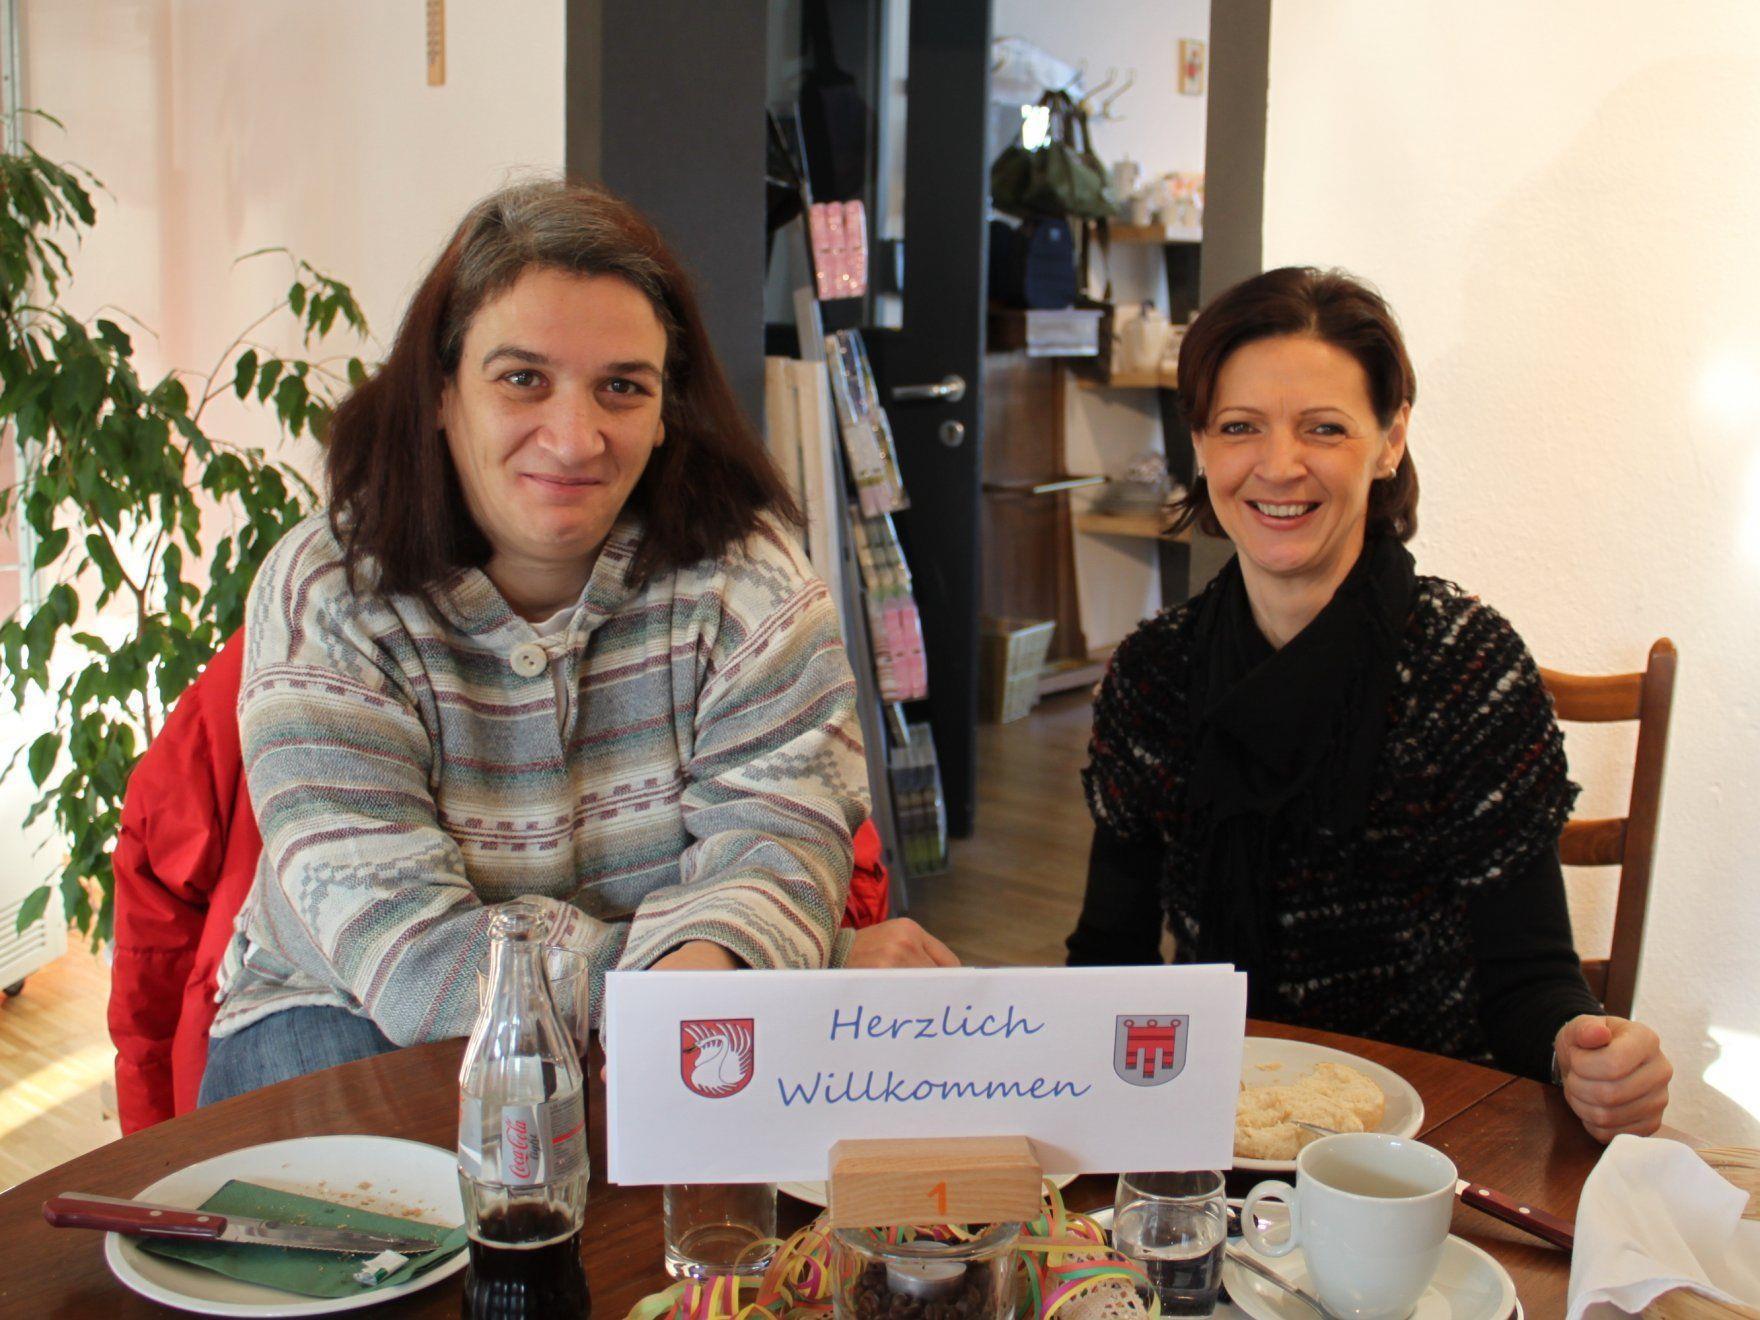 Neu zugezogen in Lochau: Ingrid Hörburger begrüßt Maria Zitny aus Wien.